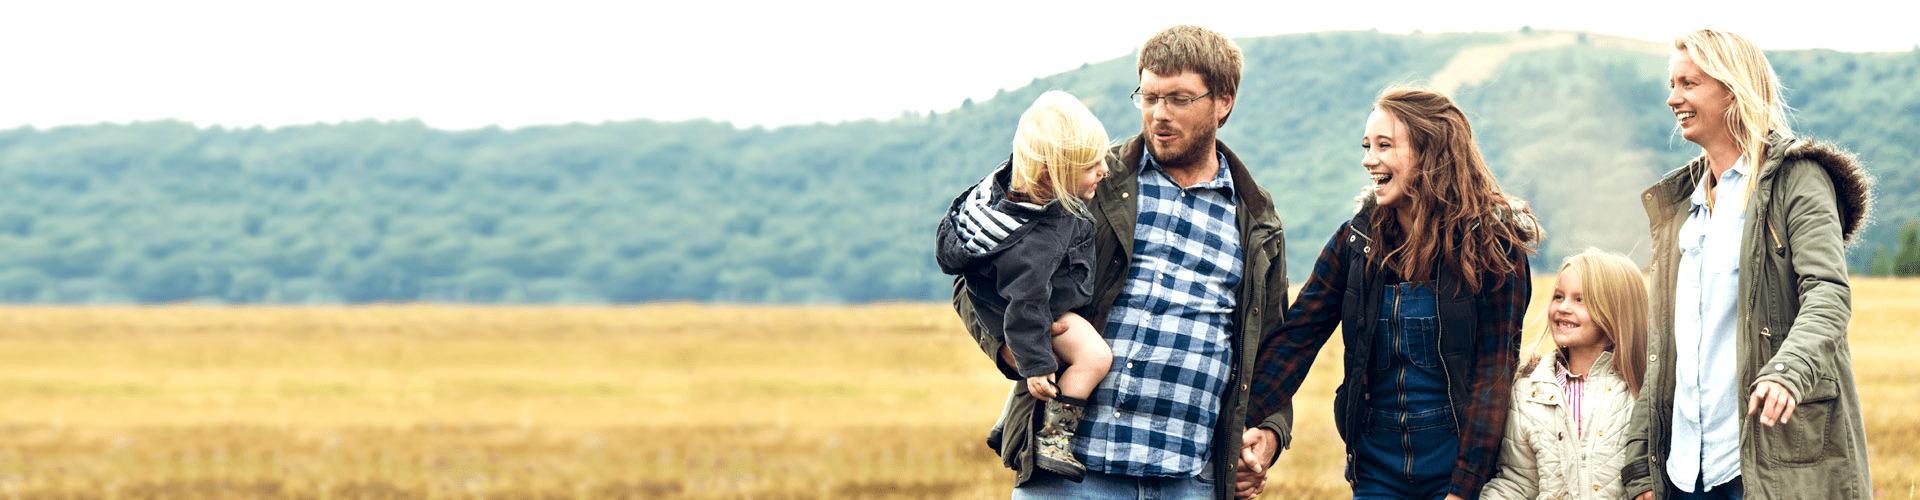 Vater und Sohn schauen auf ein Tablet